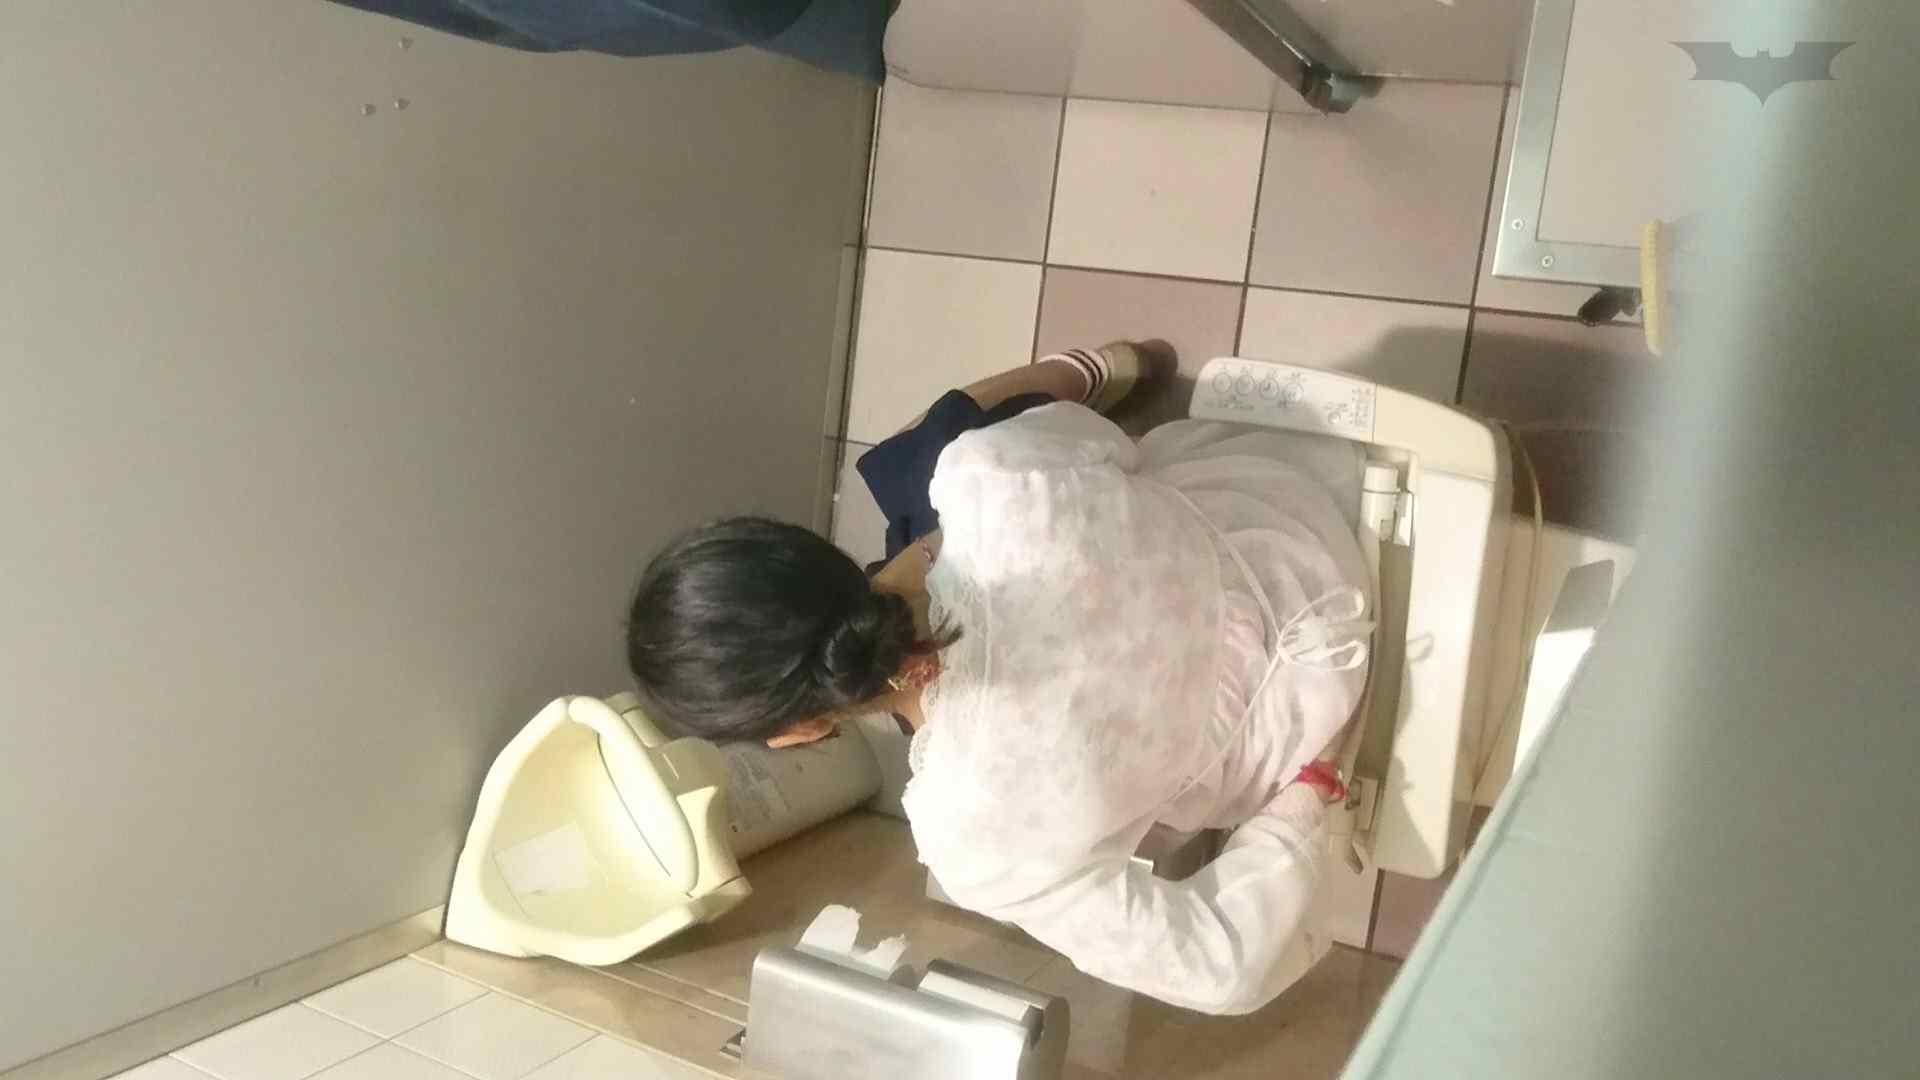 化粧室絵巻 ショッピングモール編 VOL.25 高画質 SEX無修正画像 94枚 79